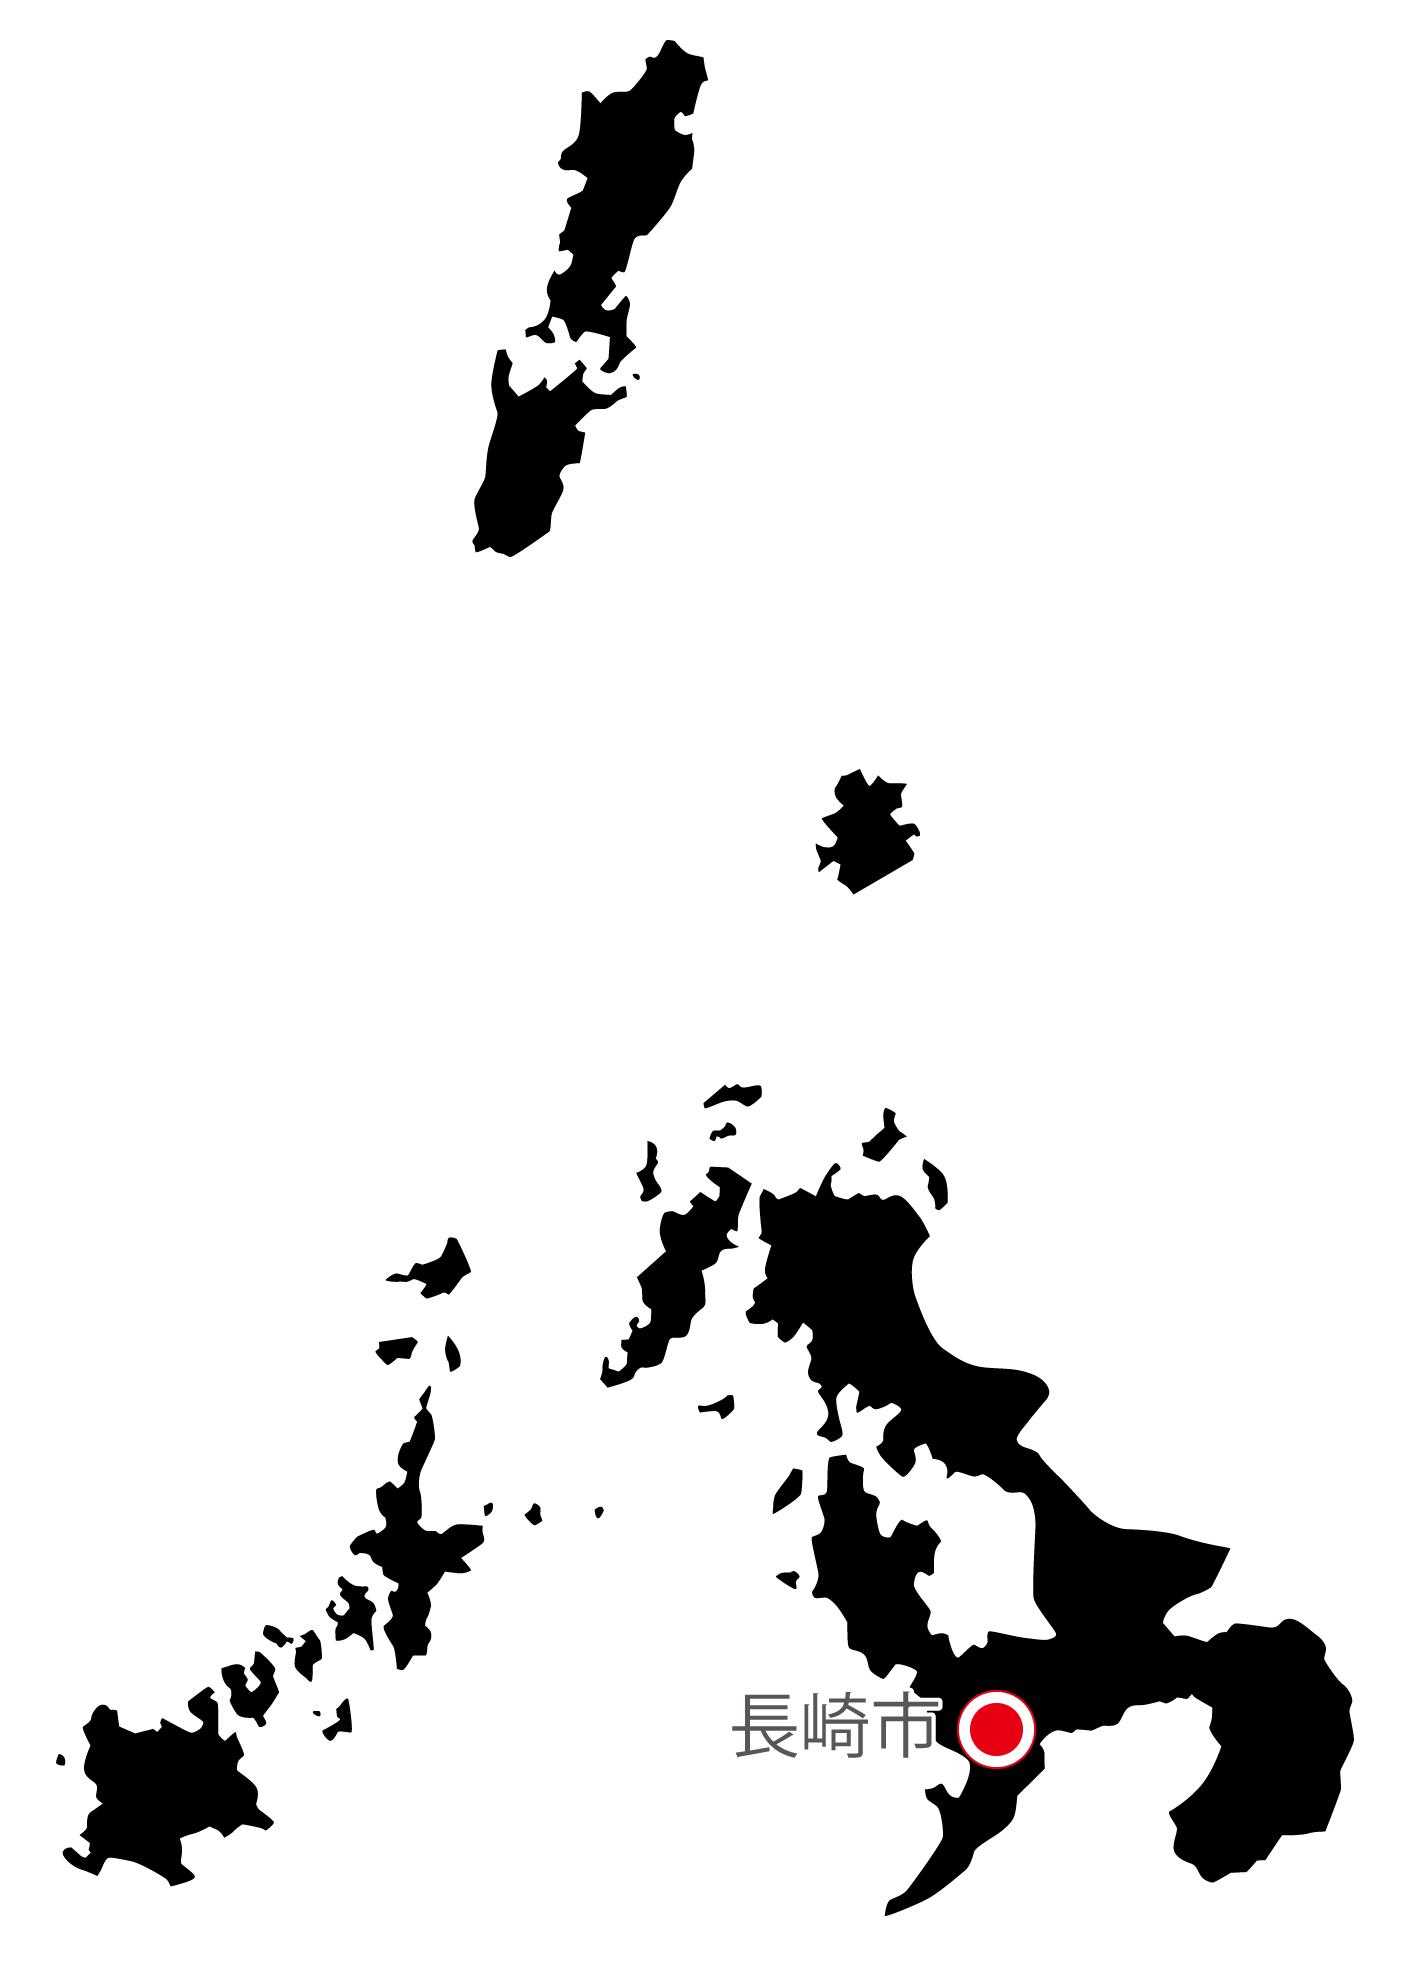 長崎県無料フリーイラスト|日本語・県庁所在地あり(黒)